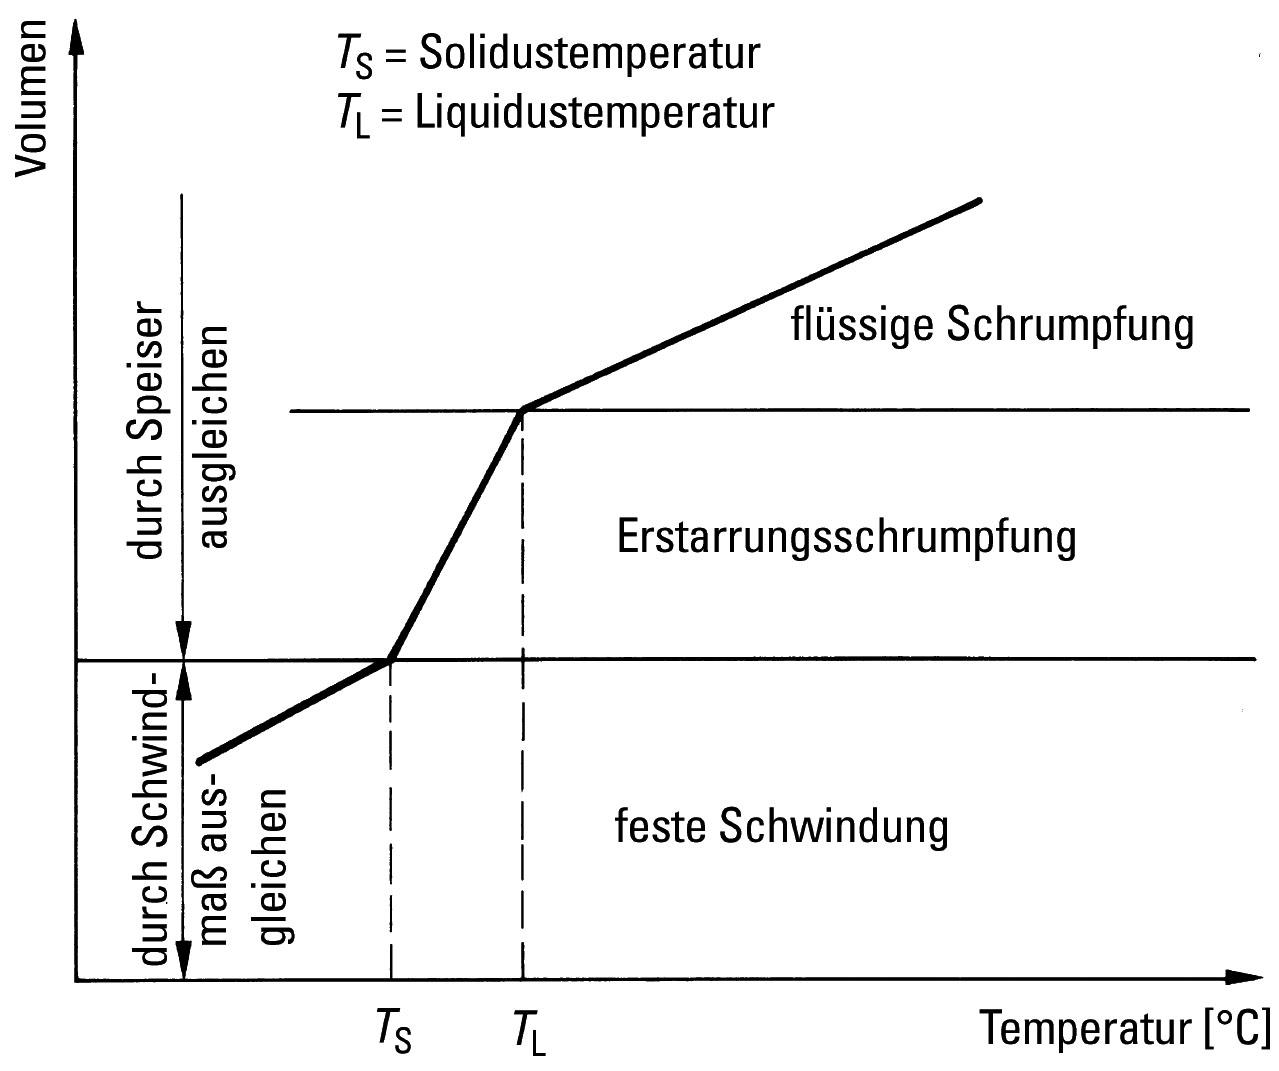 Bild 1: Volumenveränderung in Abhängigkeit von der Temperatur